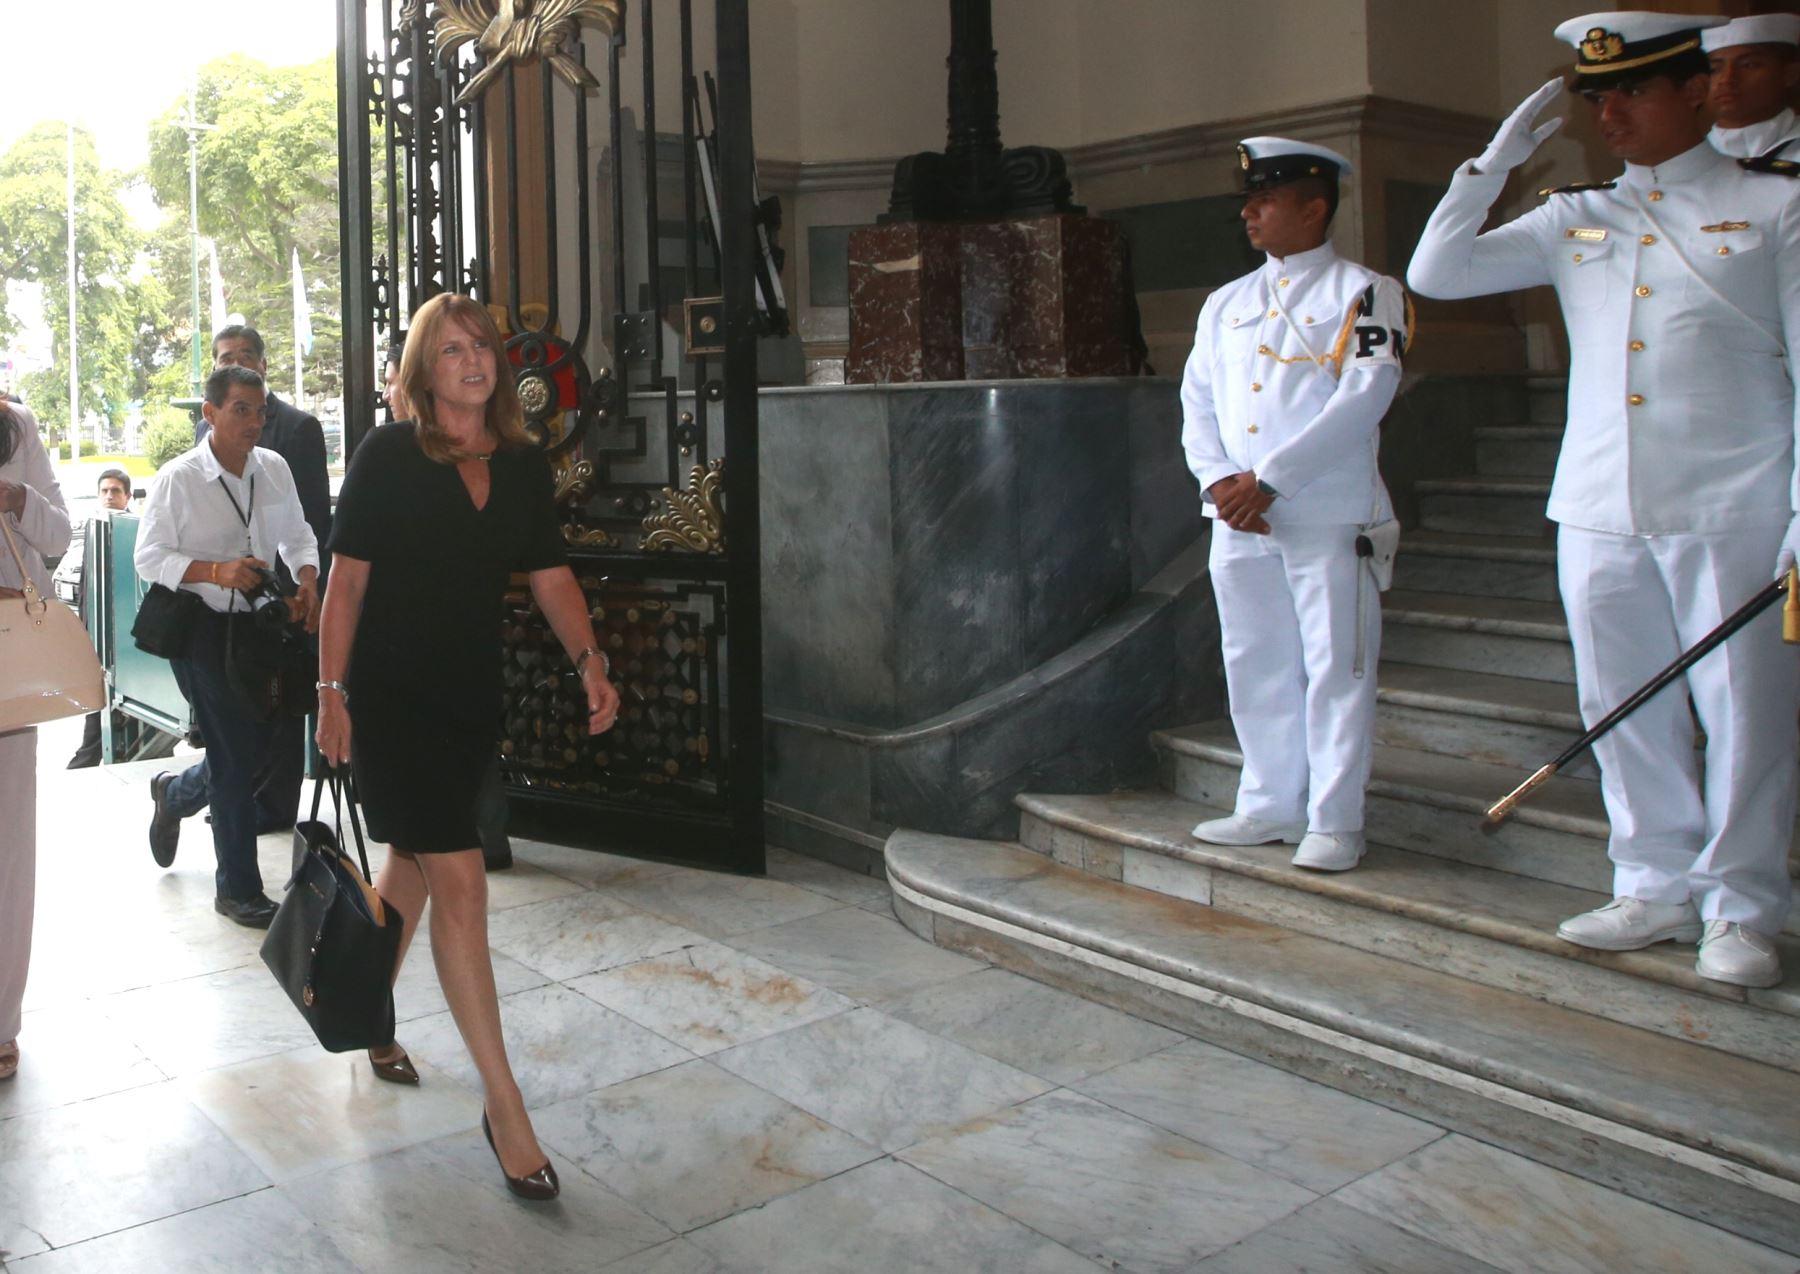 Cayetana Aljovín. Ministra de Relaciones Exteriores. También ha desempeñado diversos cargos en el actual gobierno, como titular de Desarrollo e Inclusión Social, y de Energía y Minas, entre otros. ANDINA/ Jhony Laurente